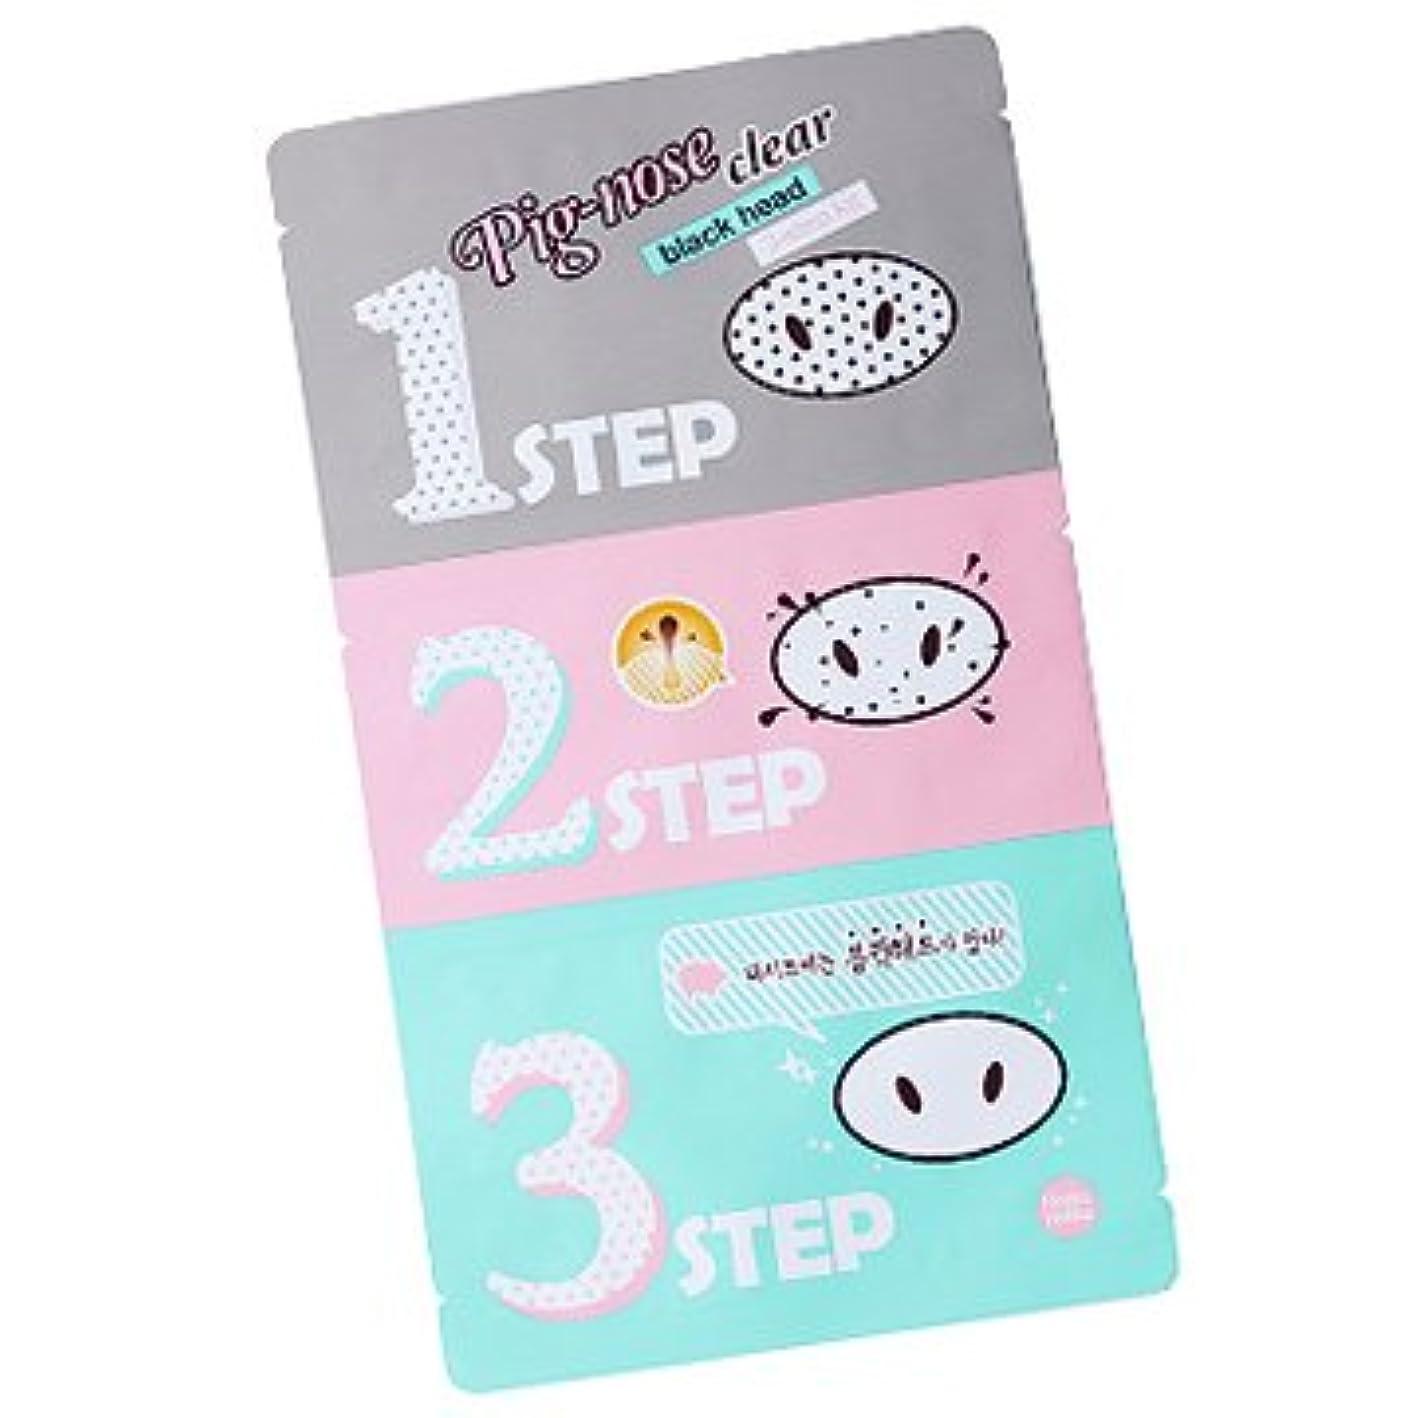 リダクタードロップパブHolika Holika Pig Nose Clear Black Head 3-Step Kit 3EA (Nose Pack) ホリカホリカ ピグノーズクリアブラックヘッド3-Stepキット(鼻パック) 3pcs [並行輸入品]